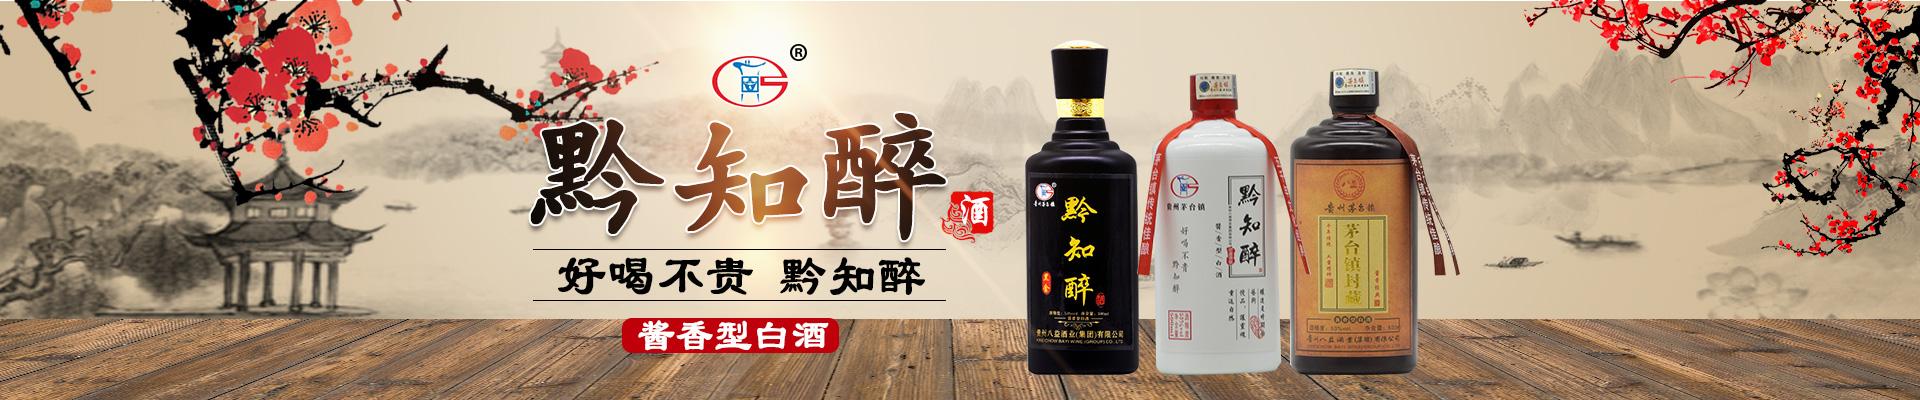 贵州茅缘酒业有限公司